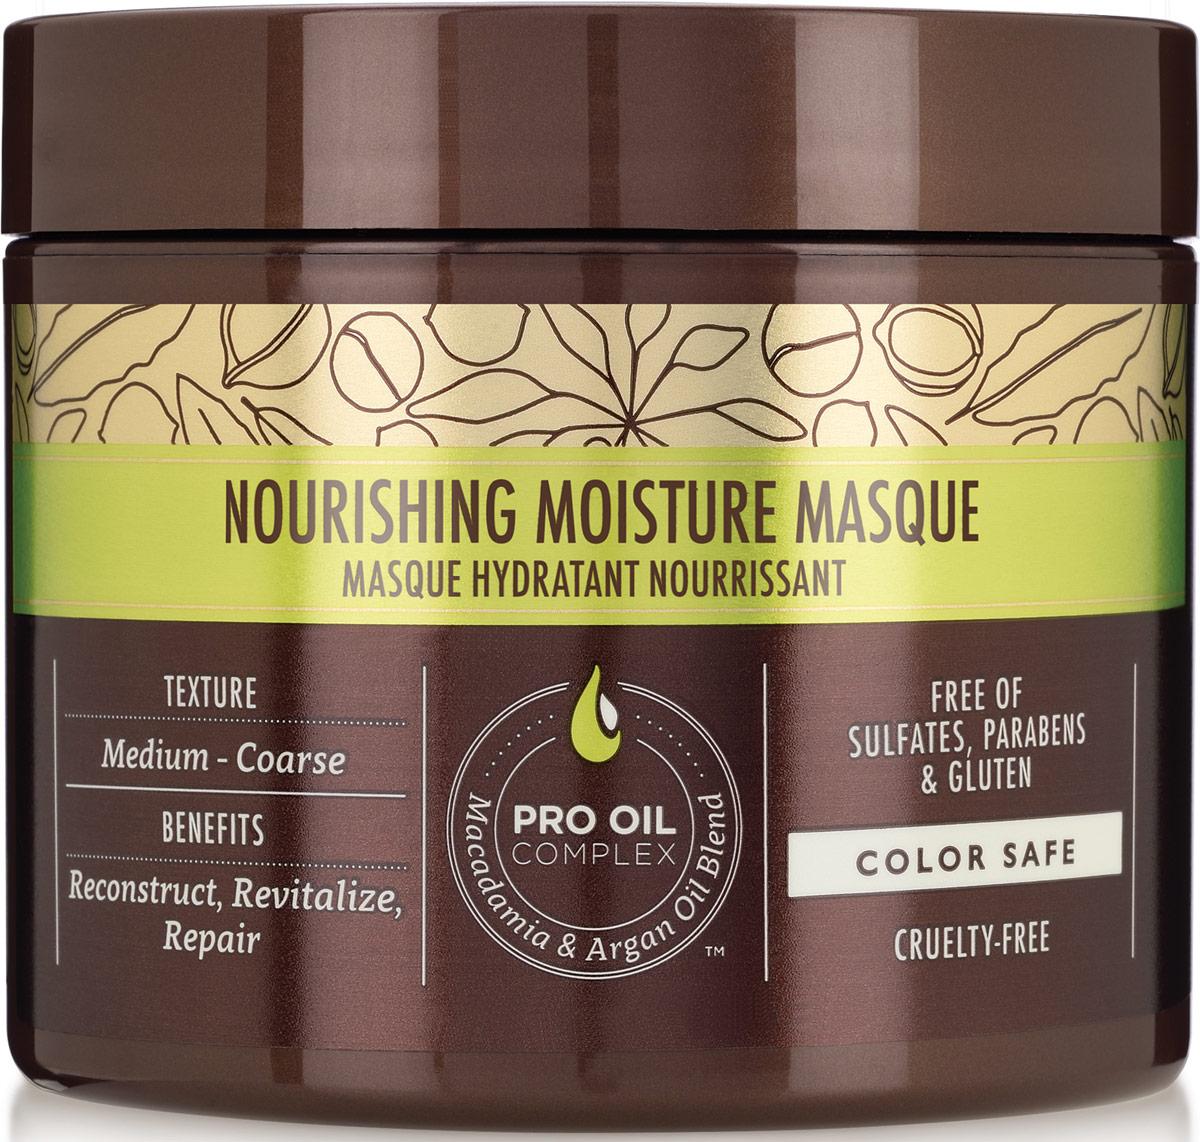 Macadamia Professional Маска питательная для всех типов волос, 60 мл косметические маски macadamia маска питательная для всех типов волос